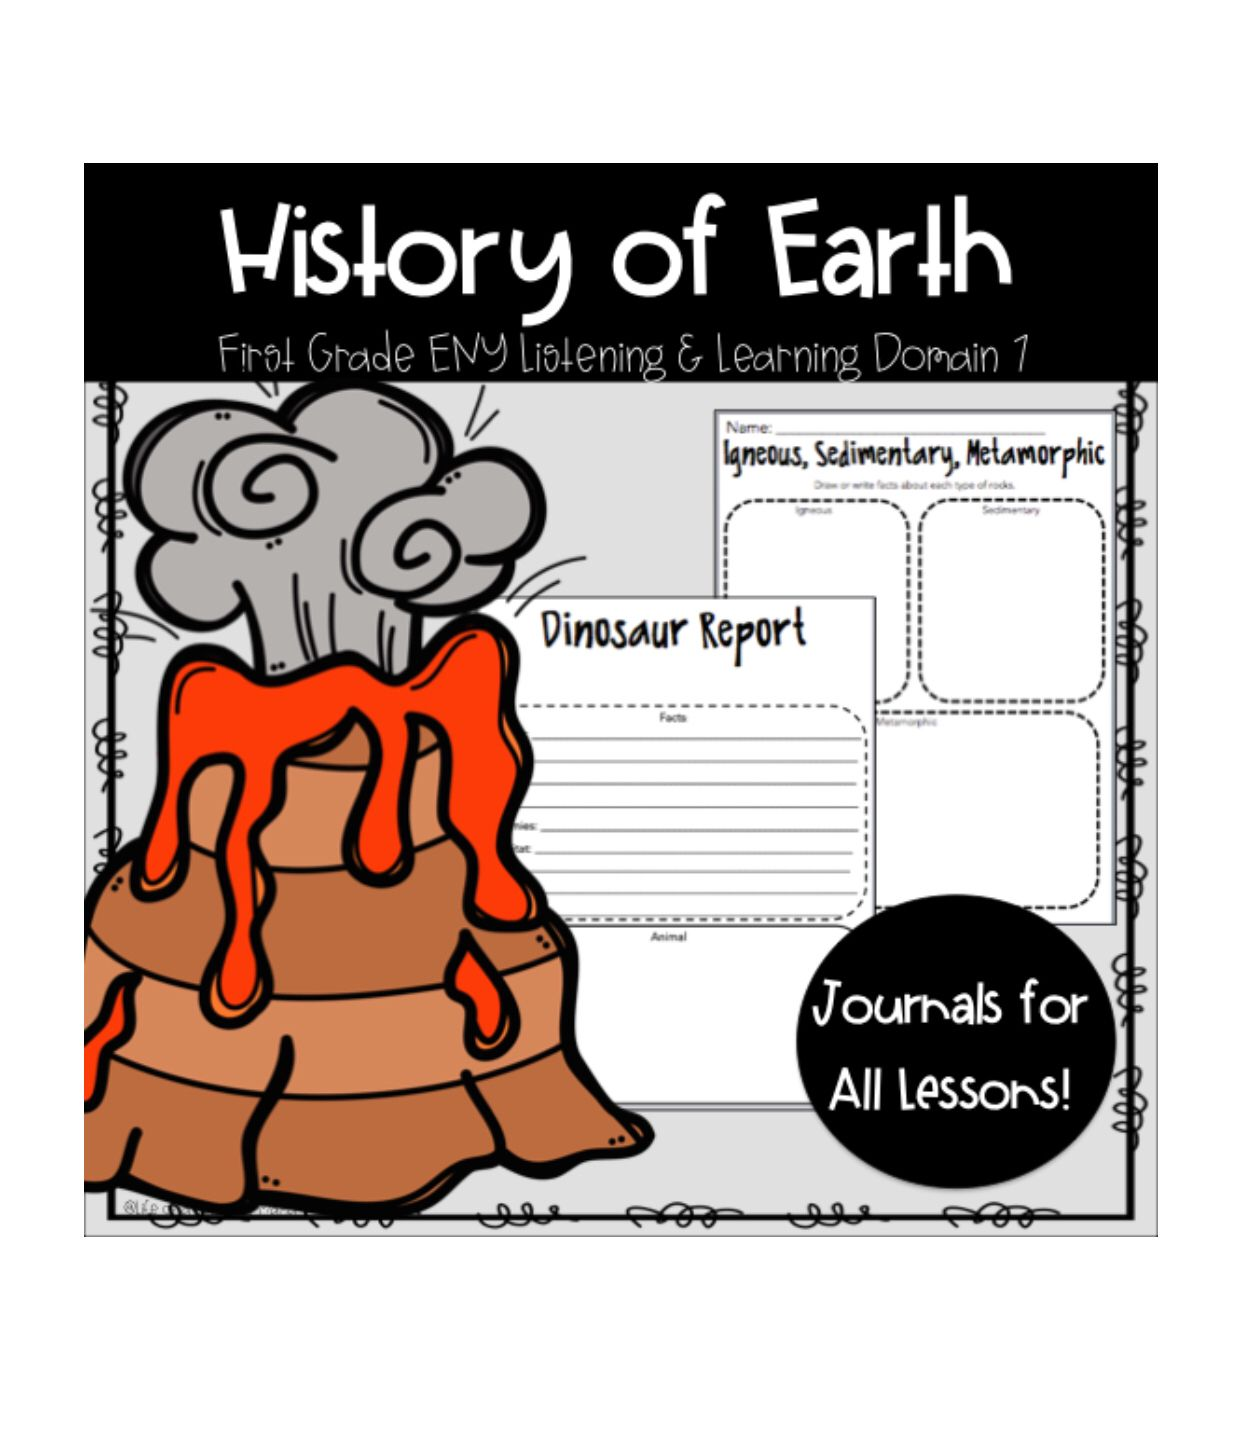 Ckla Eny The History Of Earth Grade 1 Domain 7 Listening